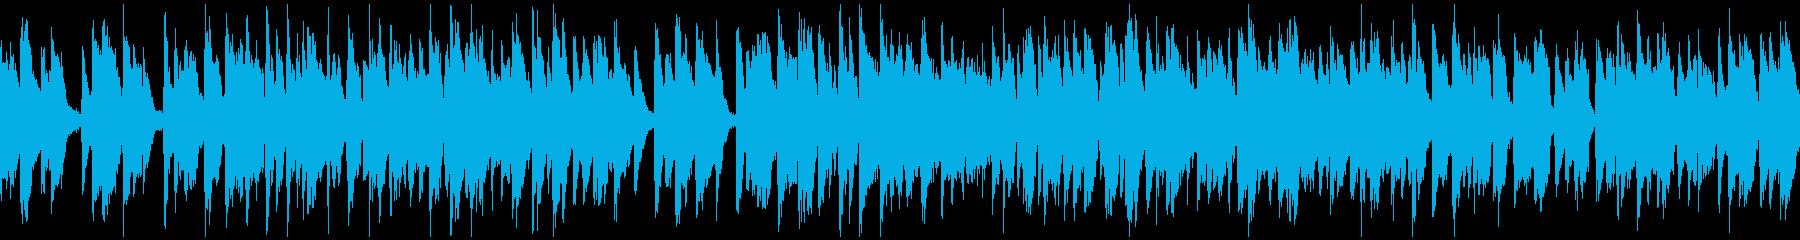 すっとぼけファンキーリコーダー※ループ版の再生済みの波形